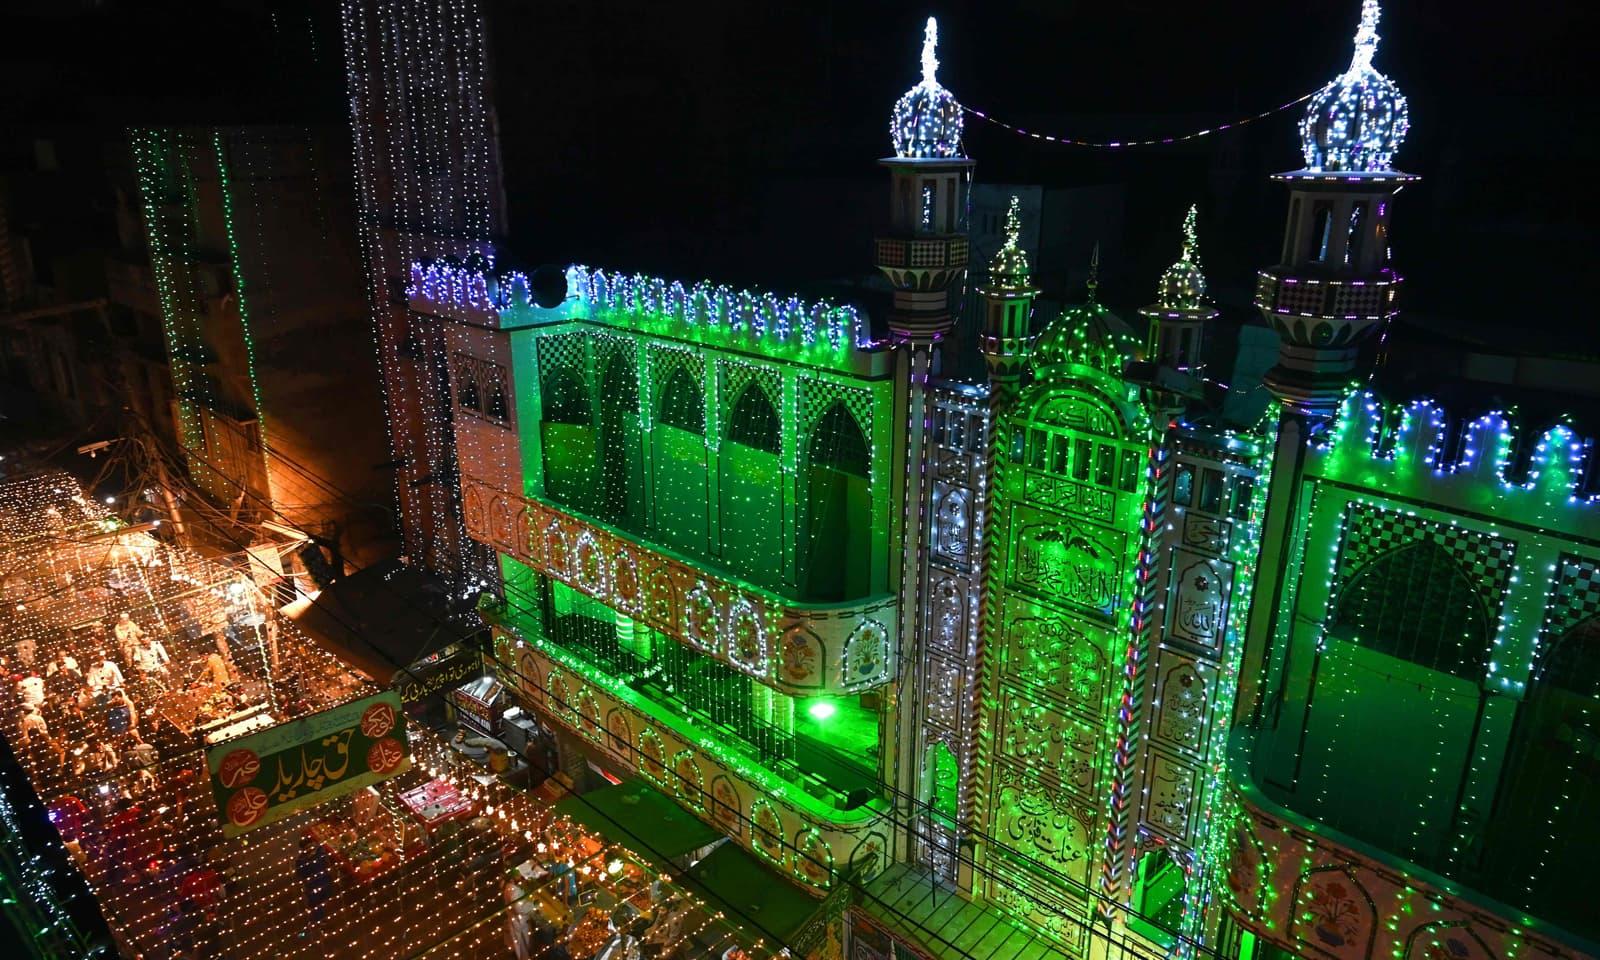 لاہور میں بھی مساجد اور عمارتوں کو برقی قمقموں سے سجایا گیا — فوٹو: اے ایف پی